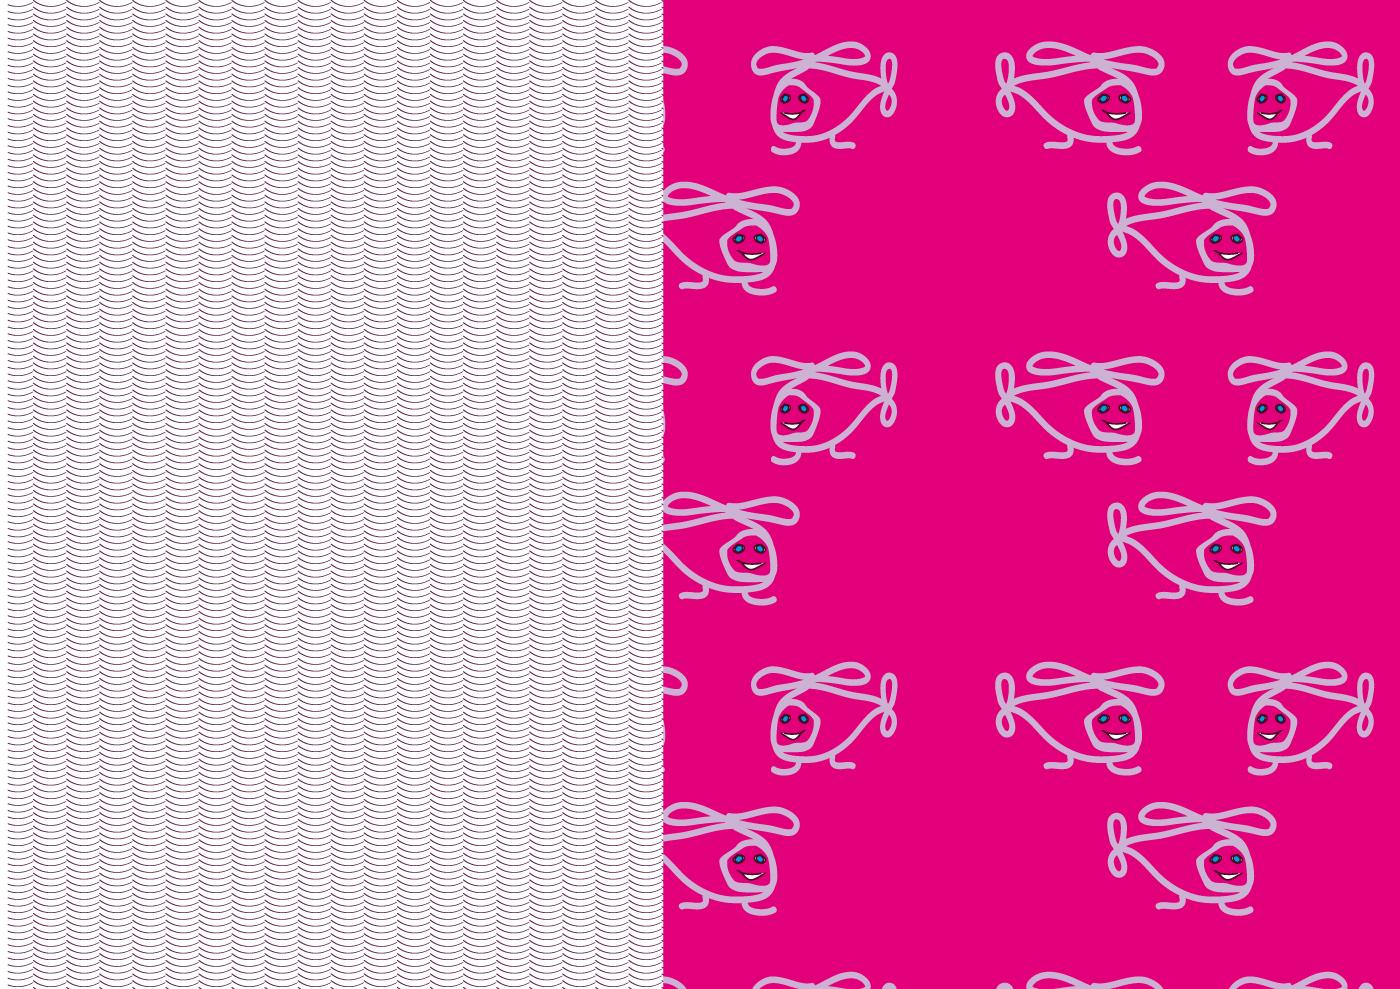 нарисовать дизайн ткани ( верхней детской одежды) фото f_0445ca7a9c568acd.jpg